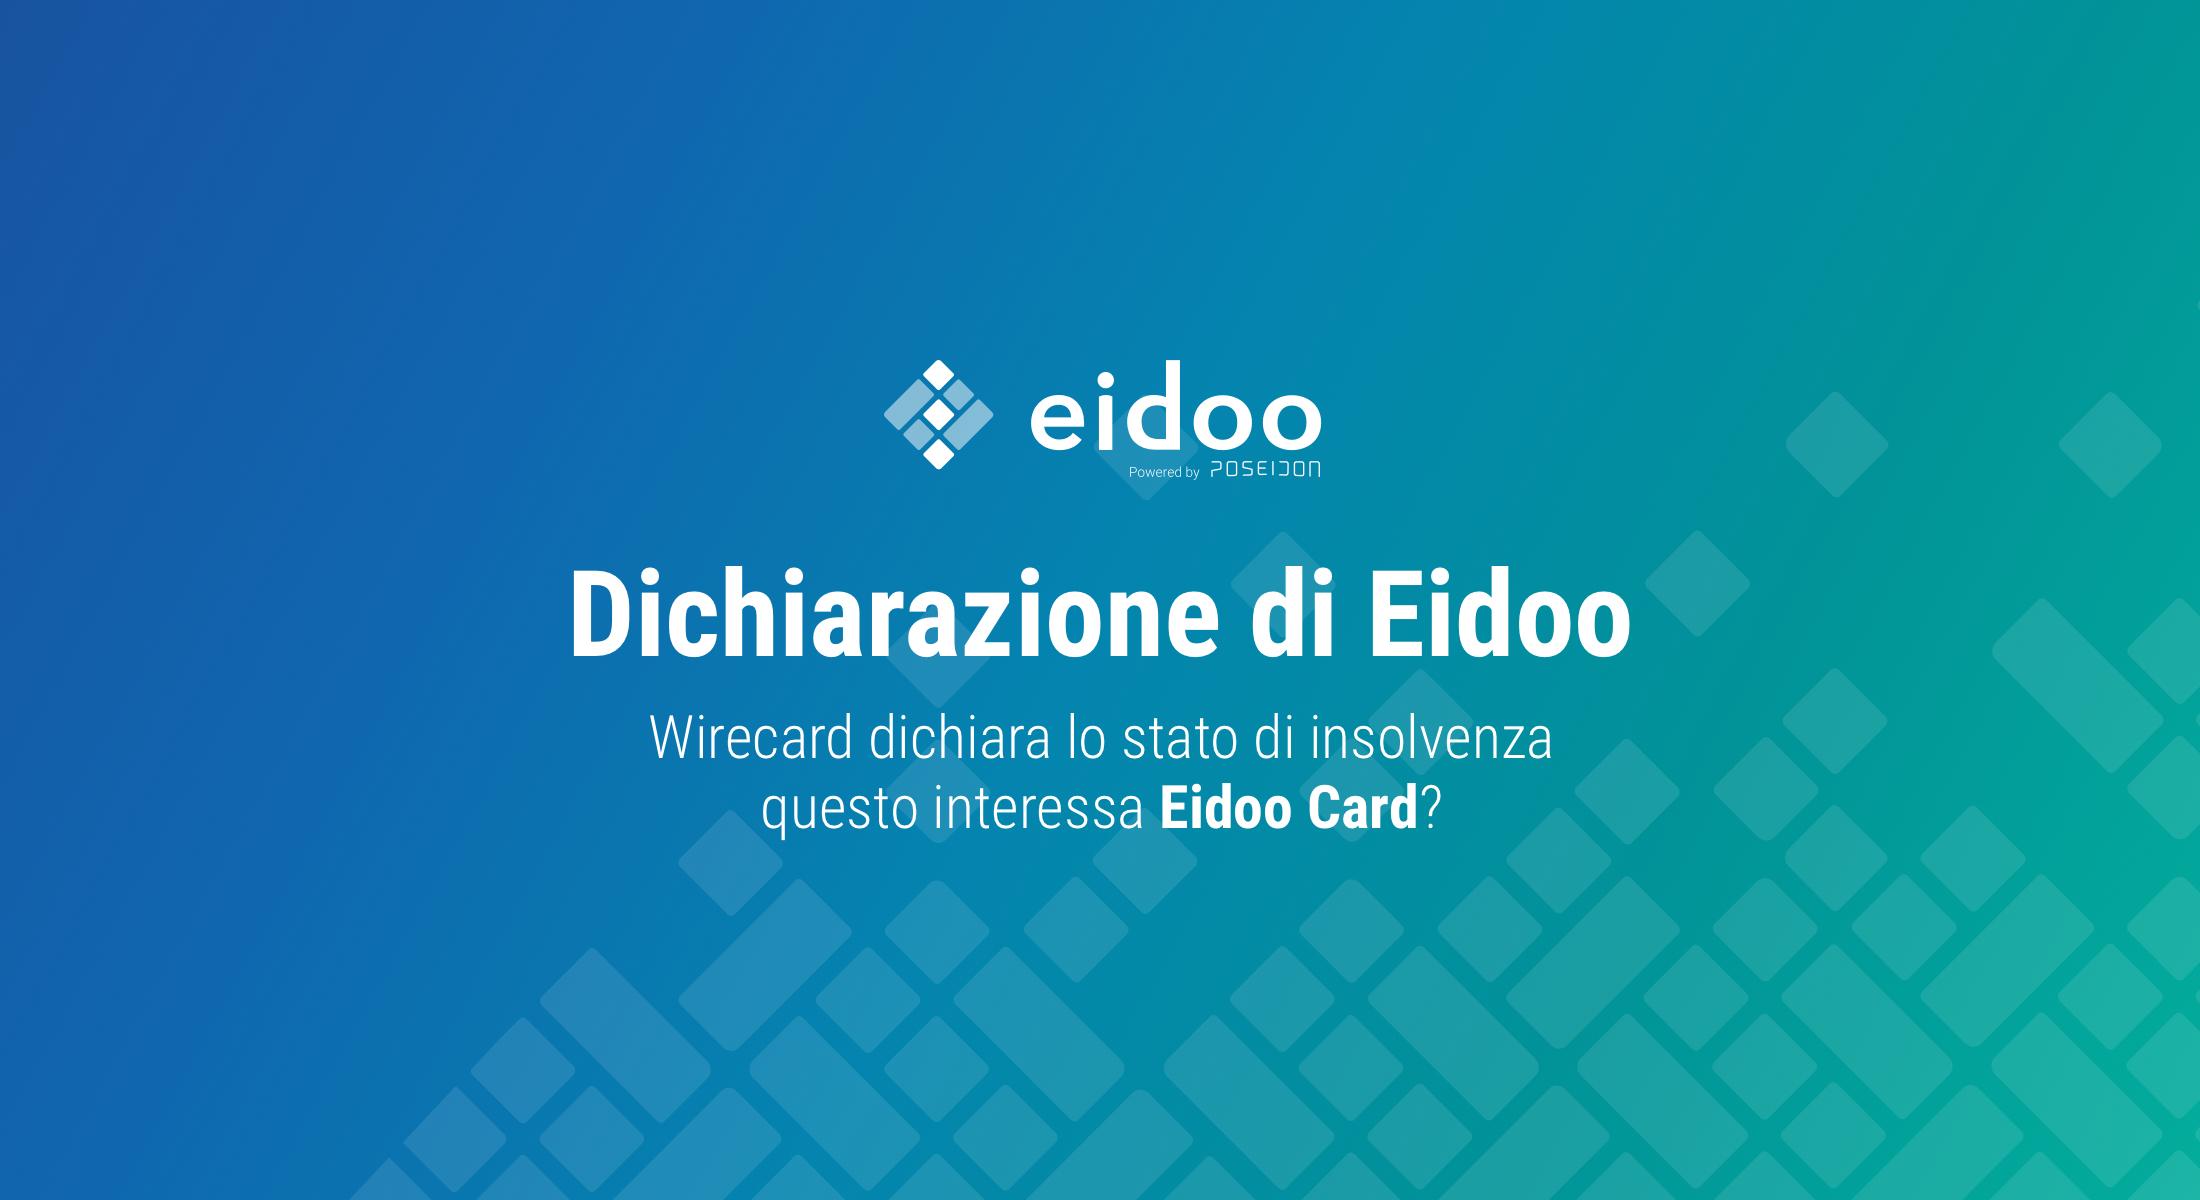 Dichiarazione di Eidoo sull'insolvenza di Wirecard